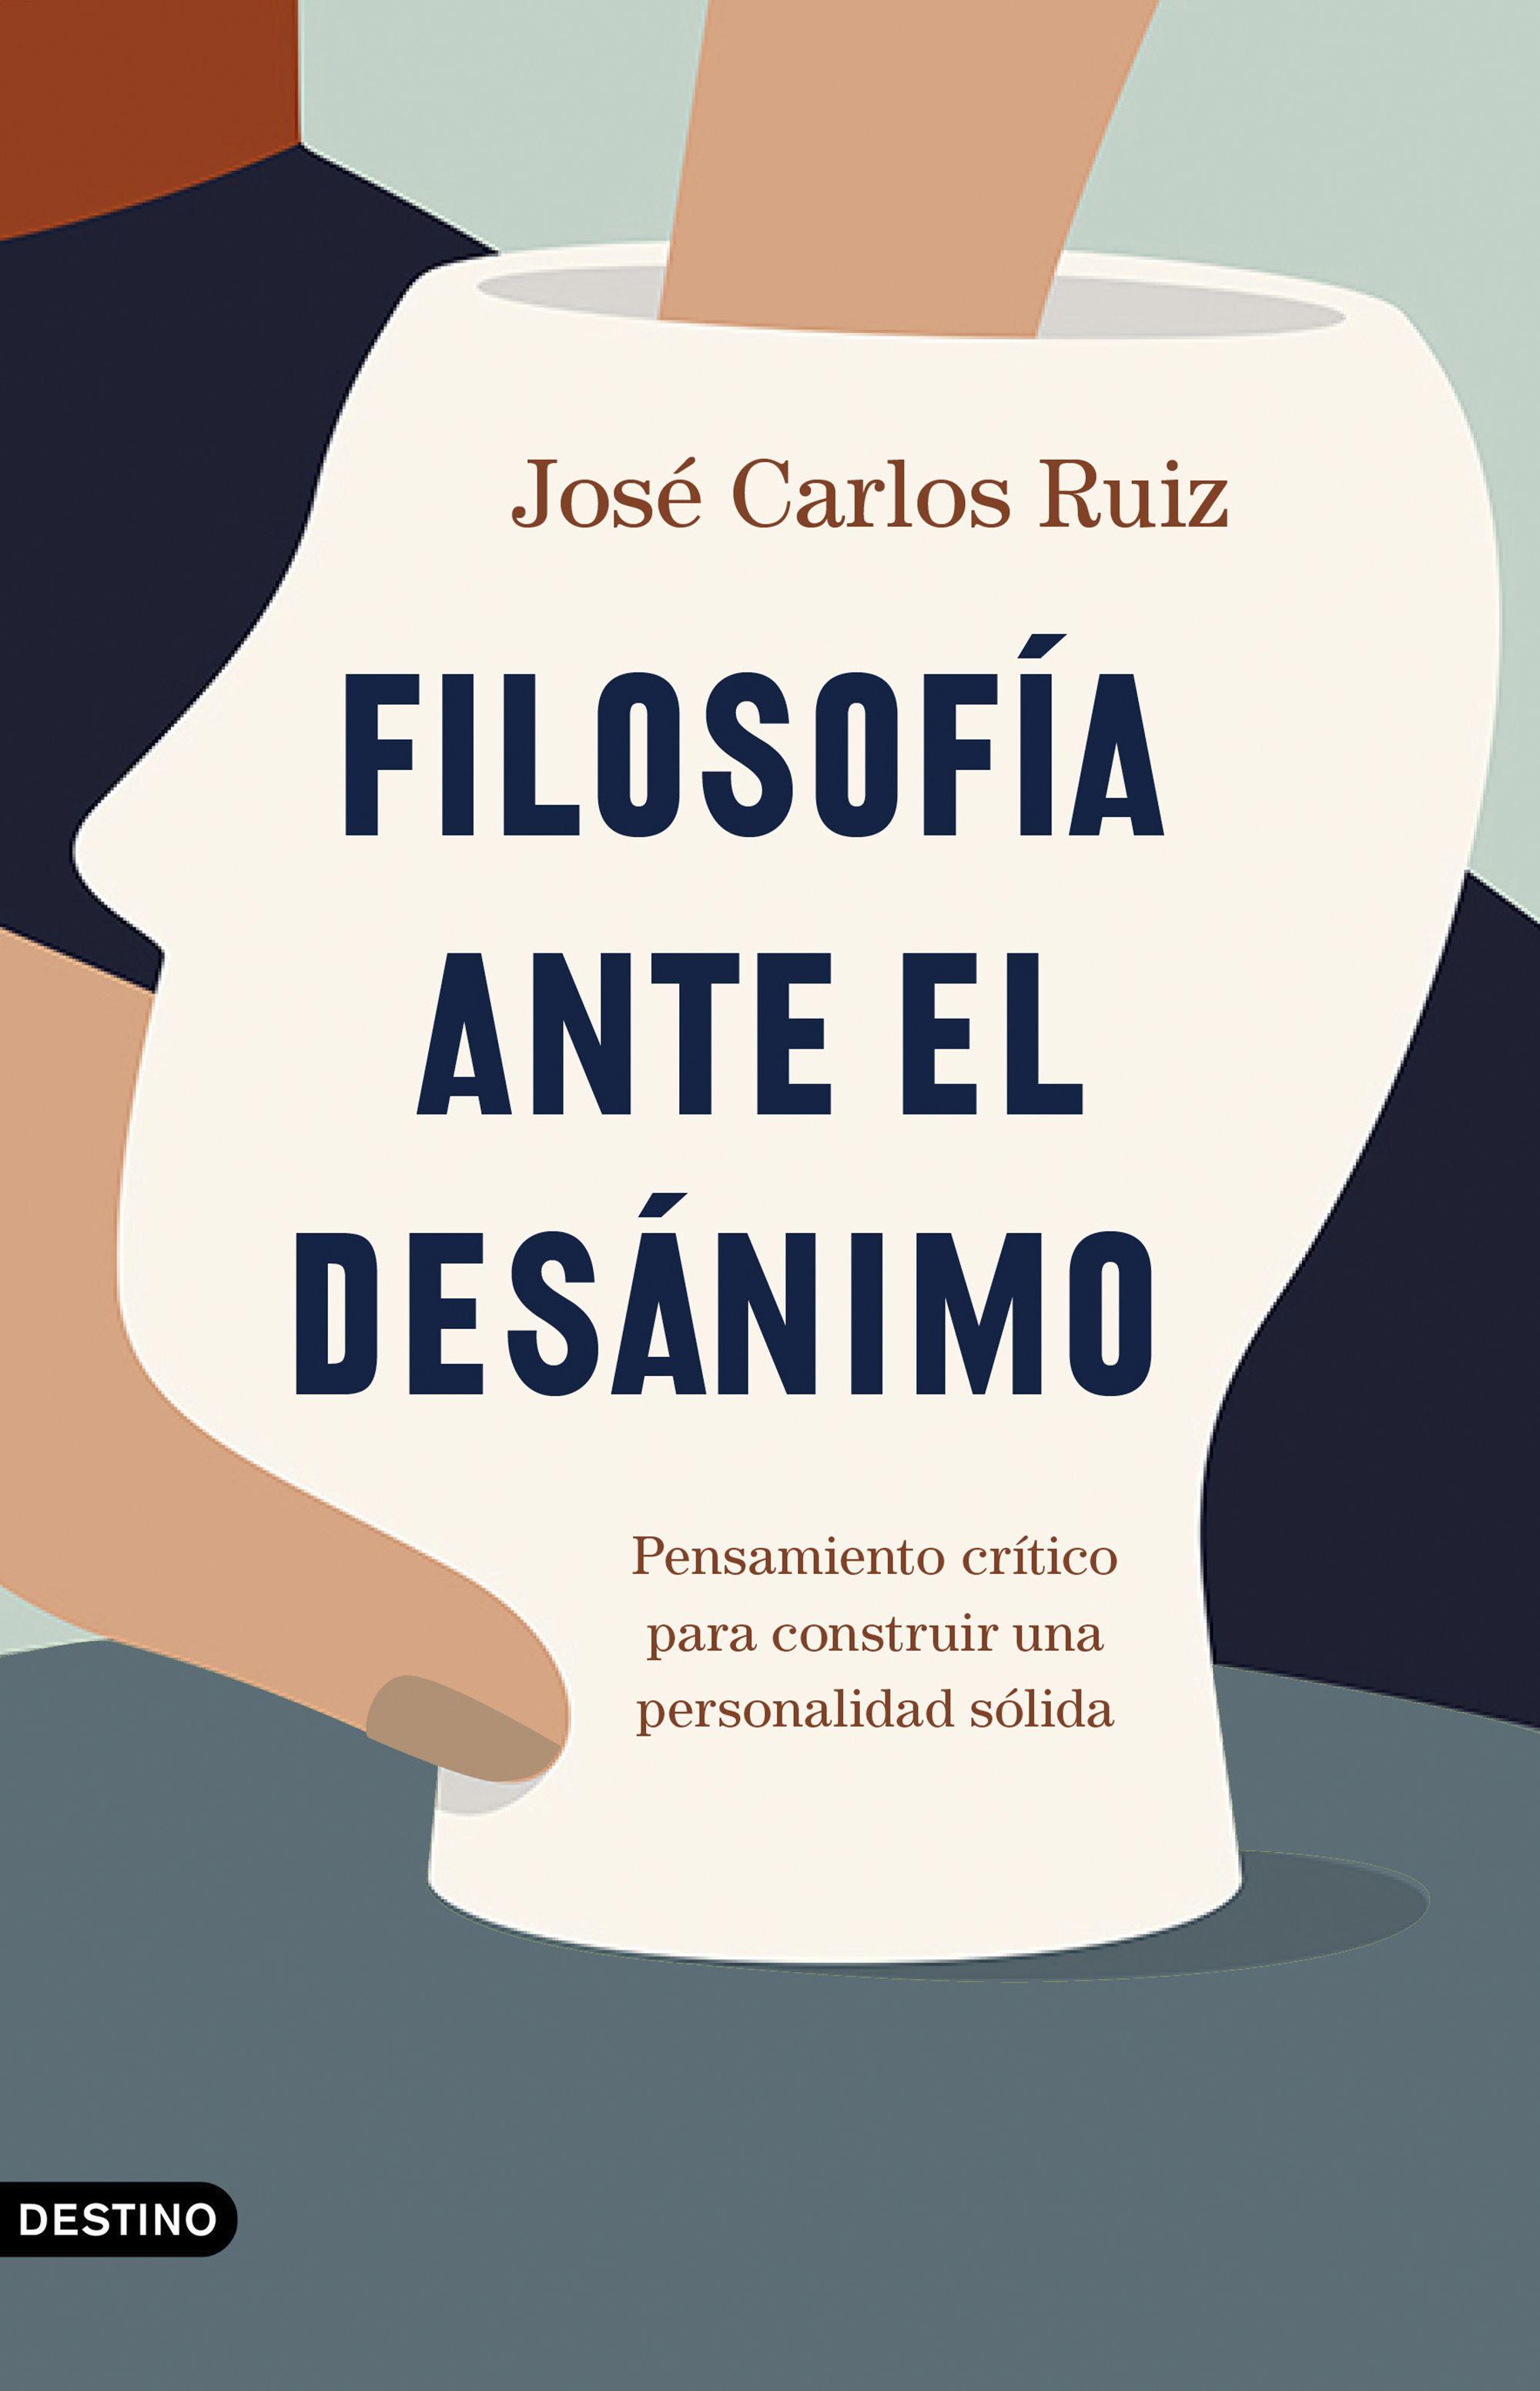 https://static2planetadelibroscom.cdnstatics.com/usuaris/libros/fotos/324/original/portada_filosofia-ante-el-desanimo_jose-carlos-ruiz_202010151202.jpg